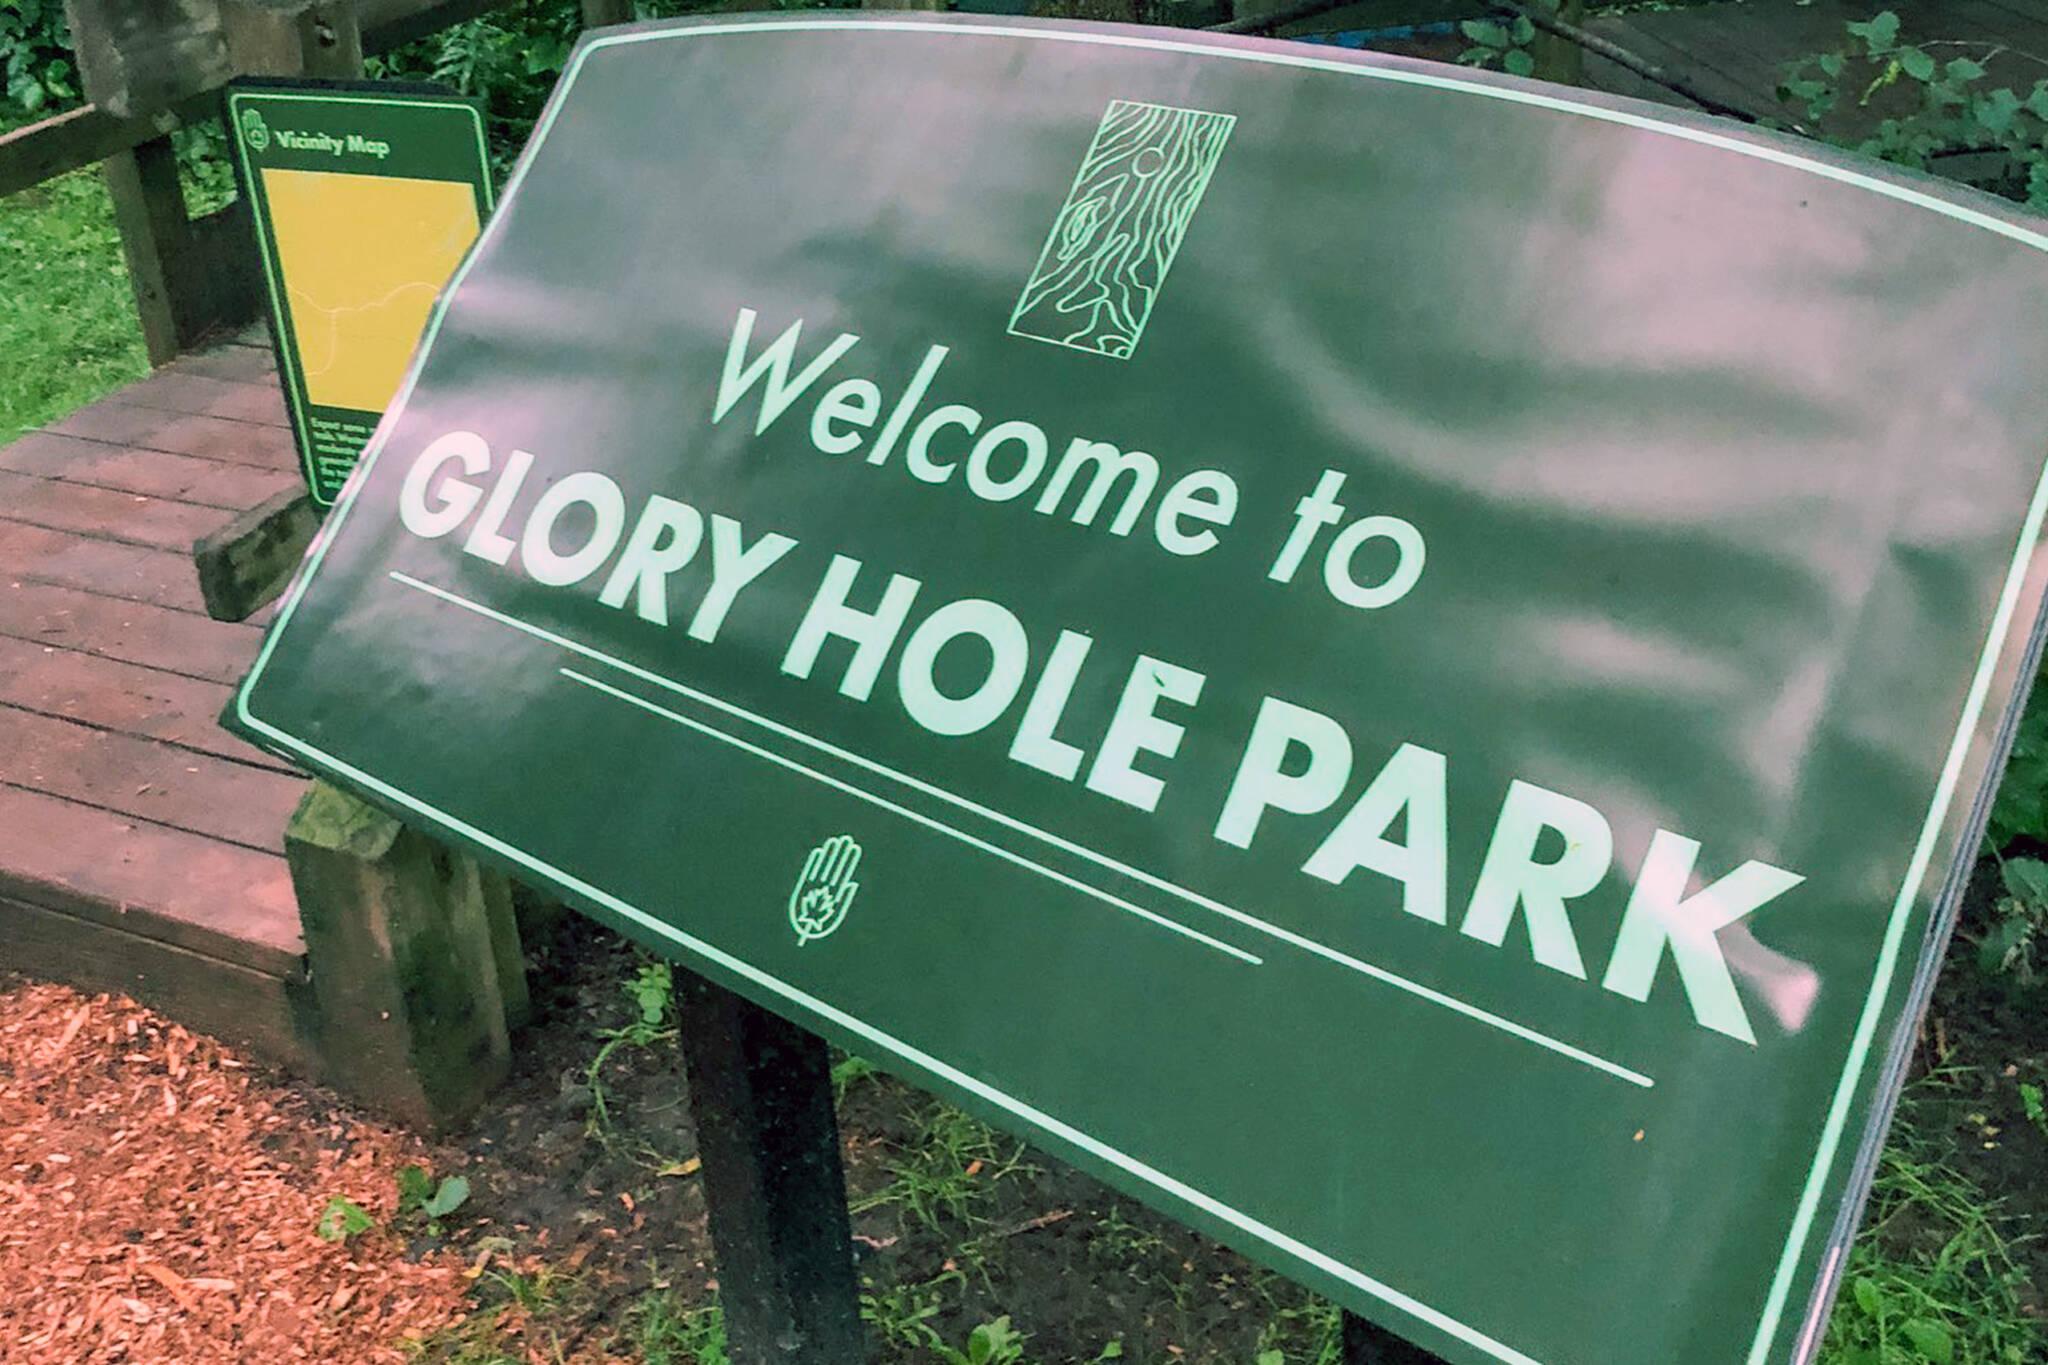 glory hole park